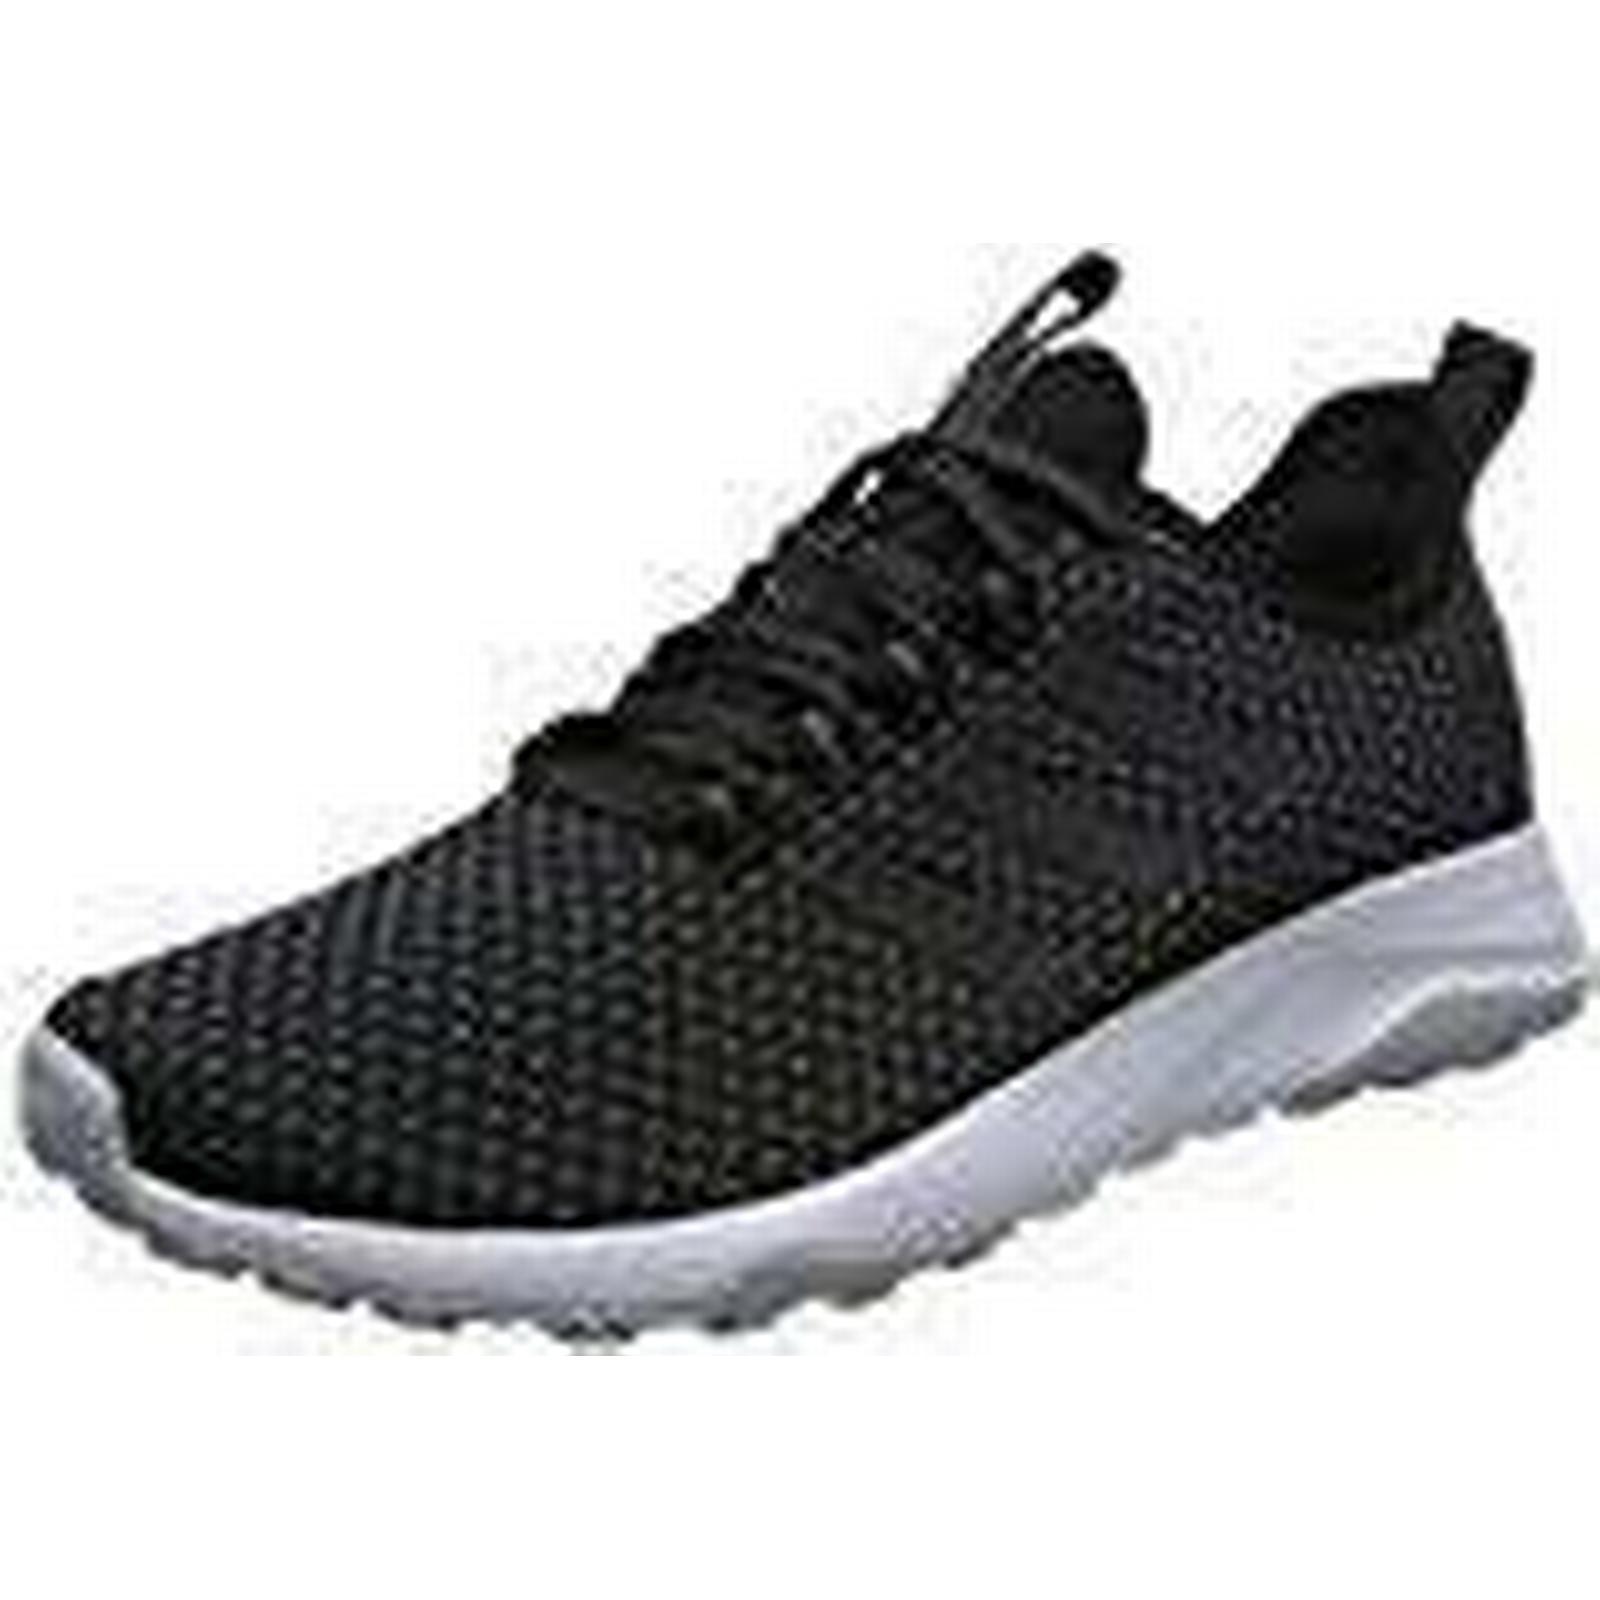 Adidas 12 Men's Cloudfoam Superflex TR Trainers Core Black/Grey Two, 12 Adidas UK 47 1/3 EU 8a14d9